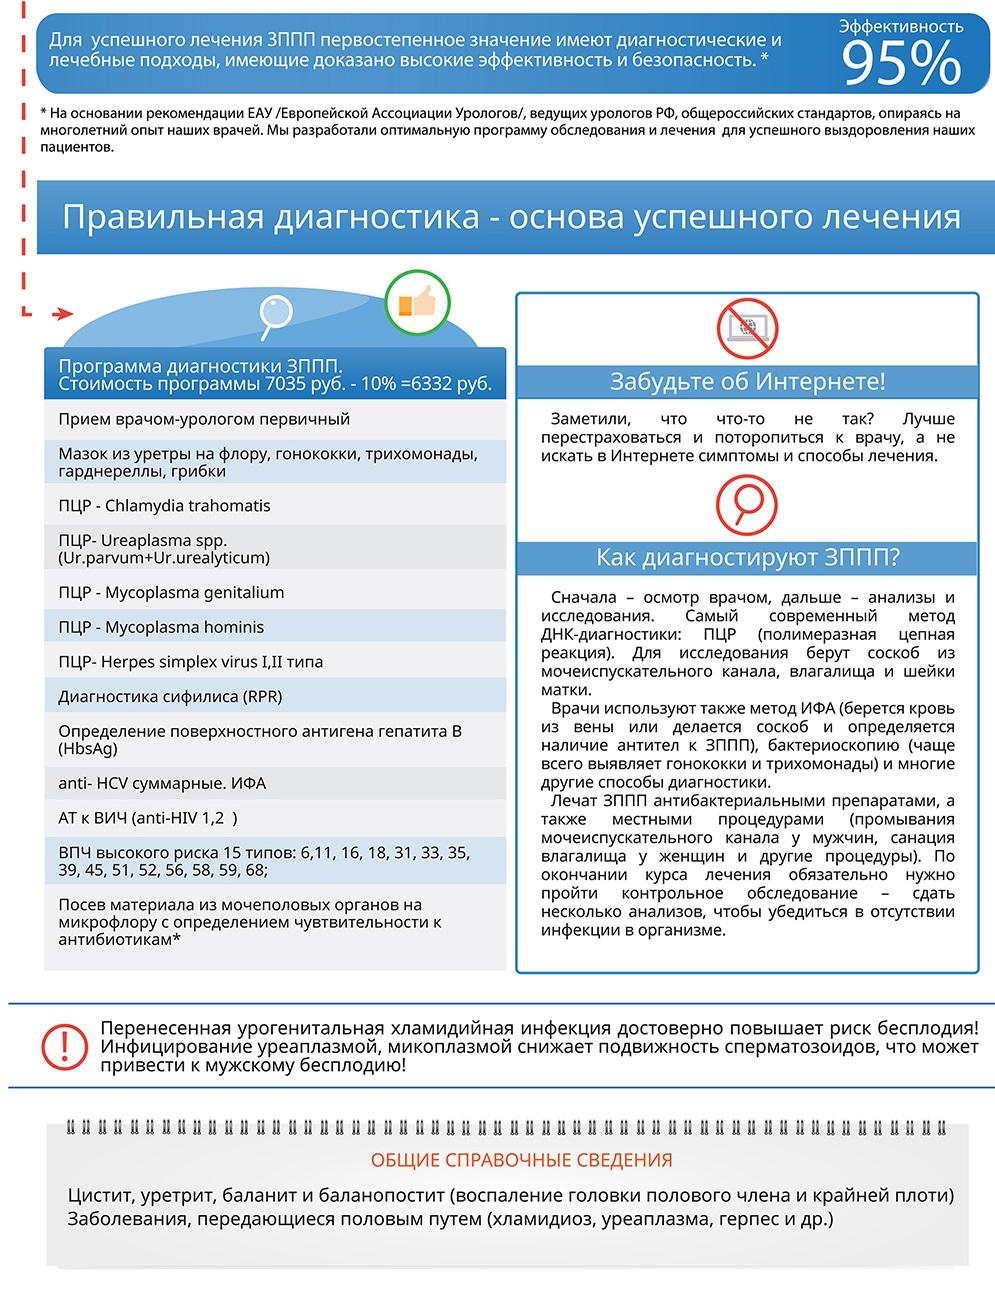 Зппп и ИППП, лечение ЗППП в отделение гинекологии МС Биосс